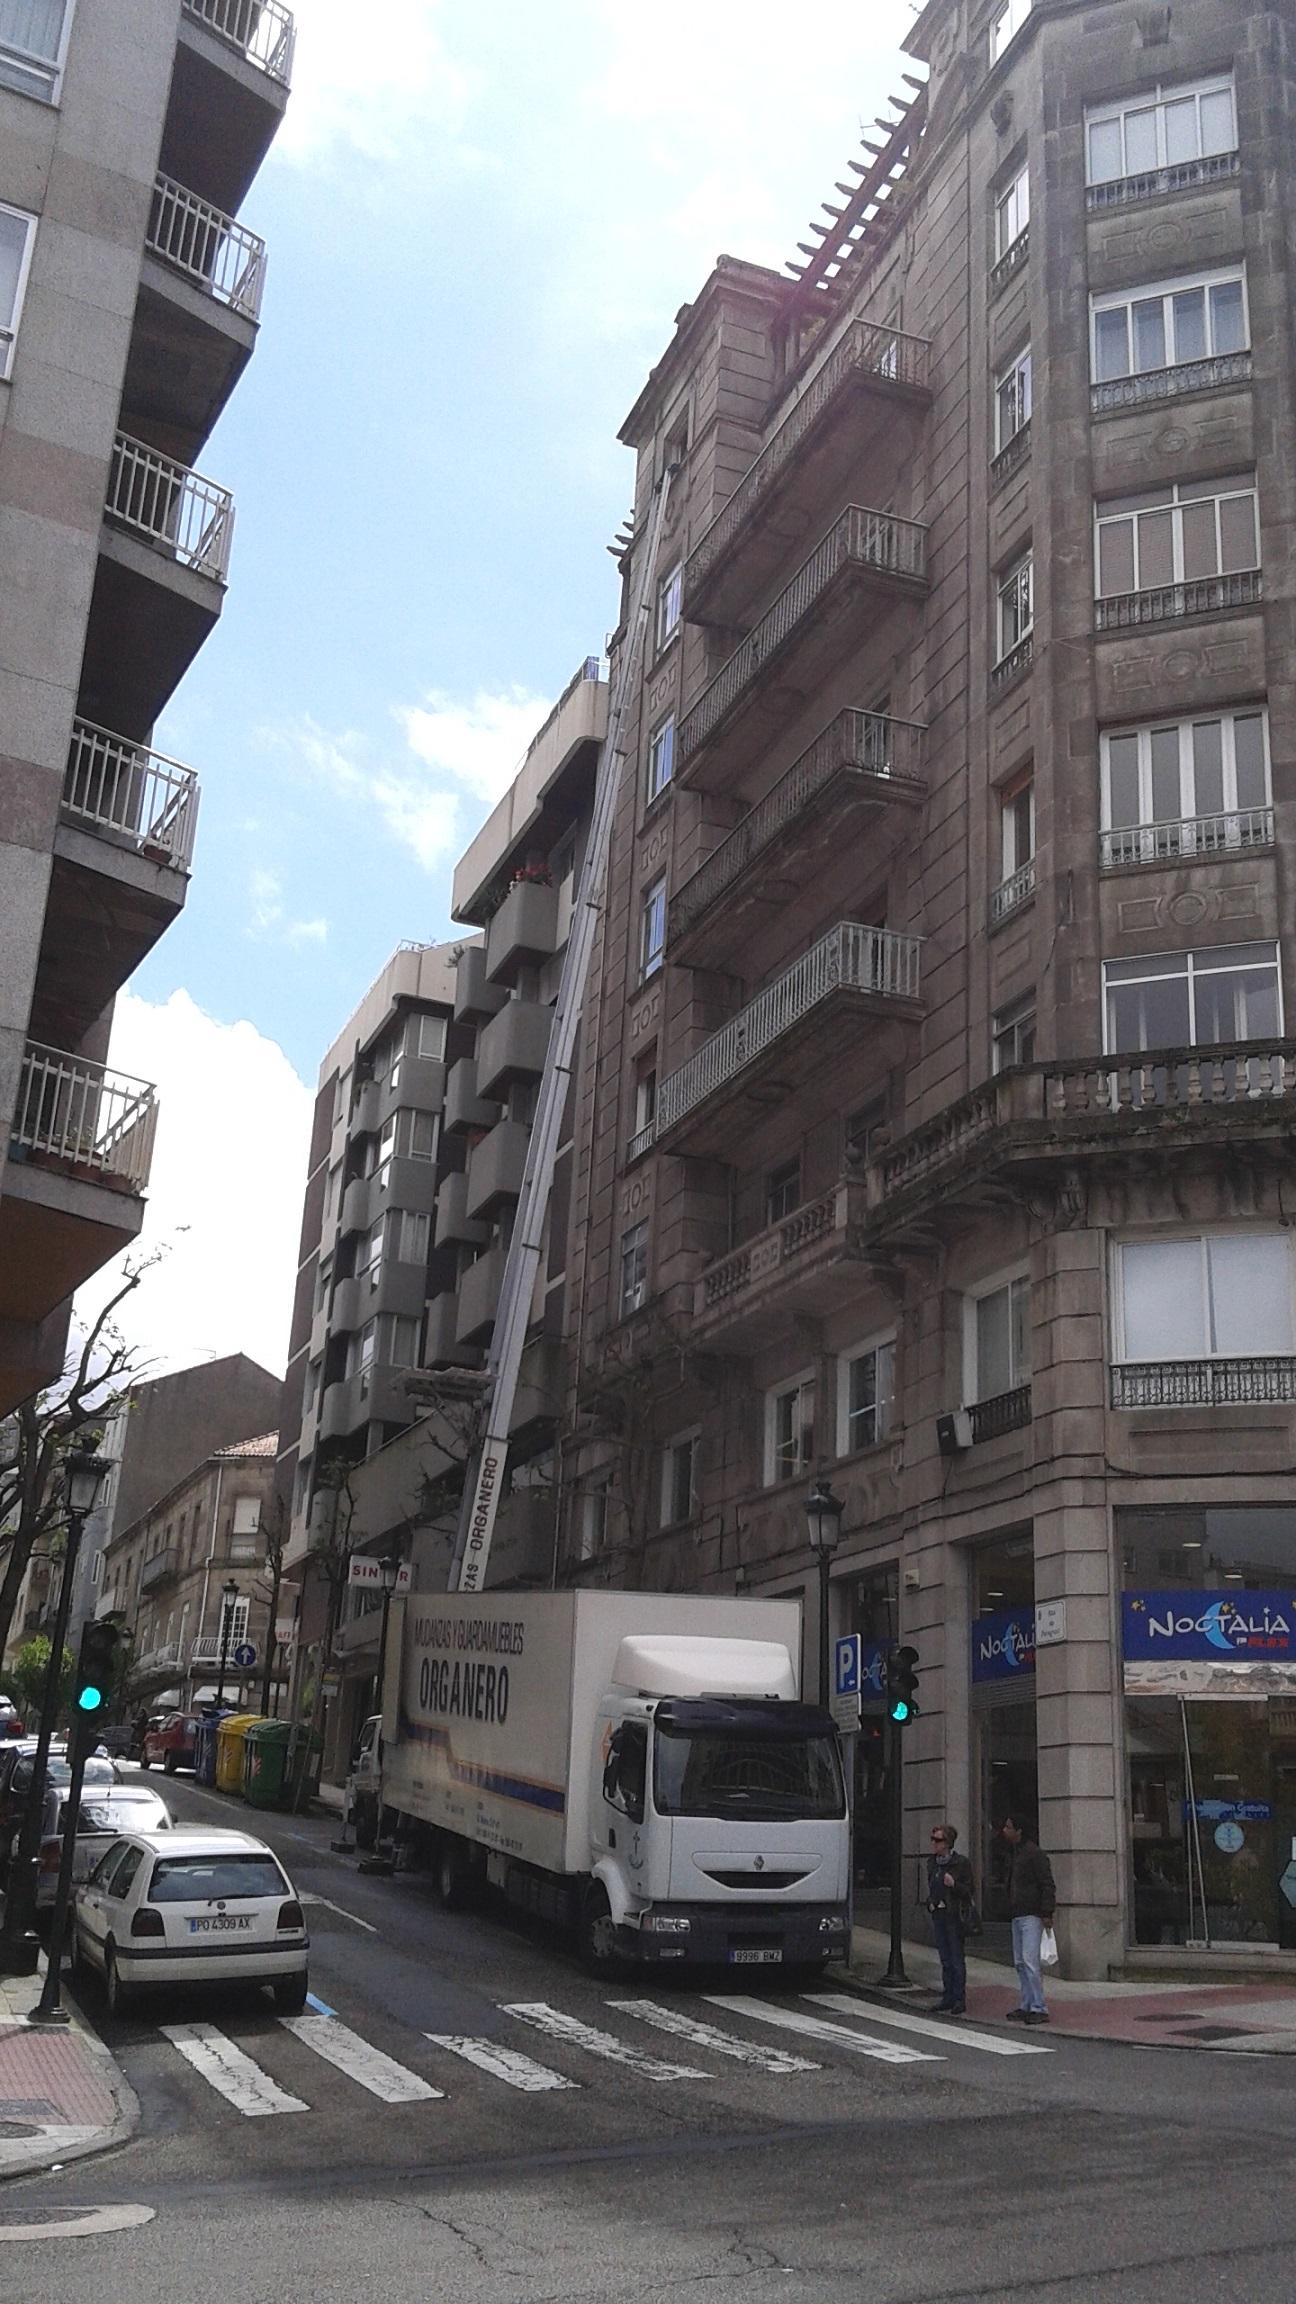 Mudanzas organero elevadores de fachada y gr a vigo for Empresas de construccion en vigo